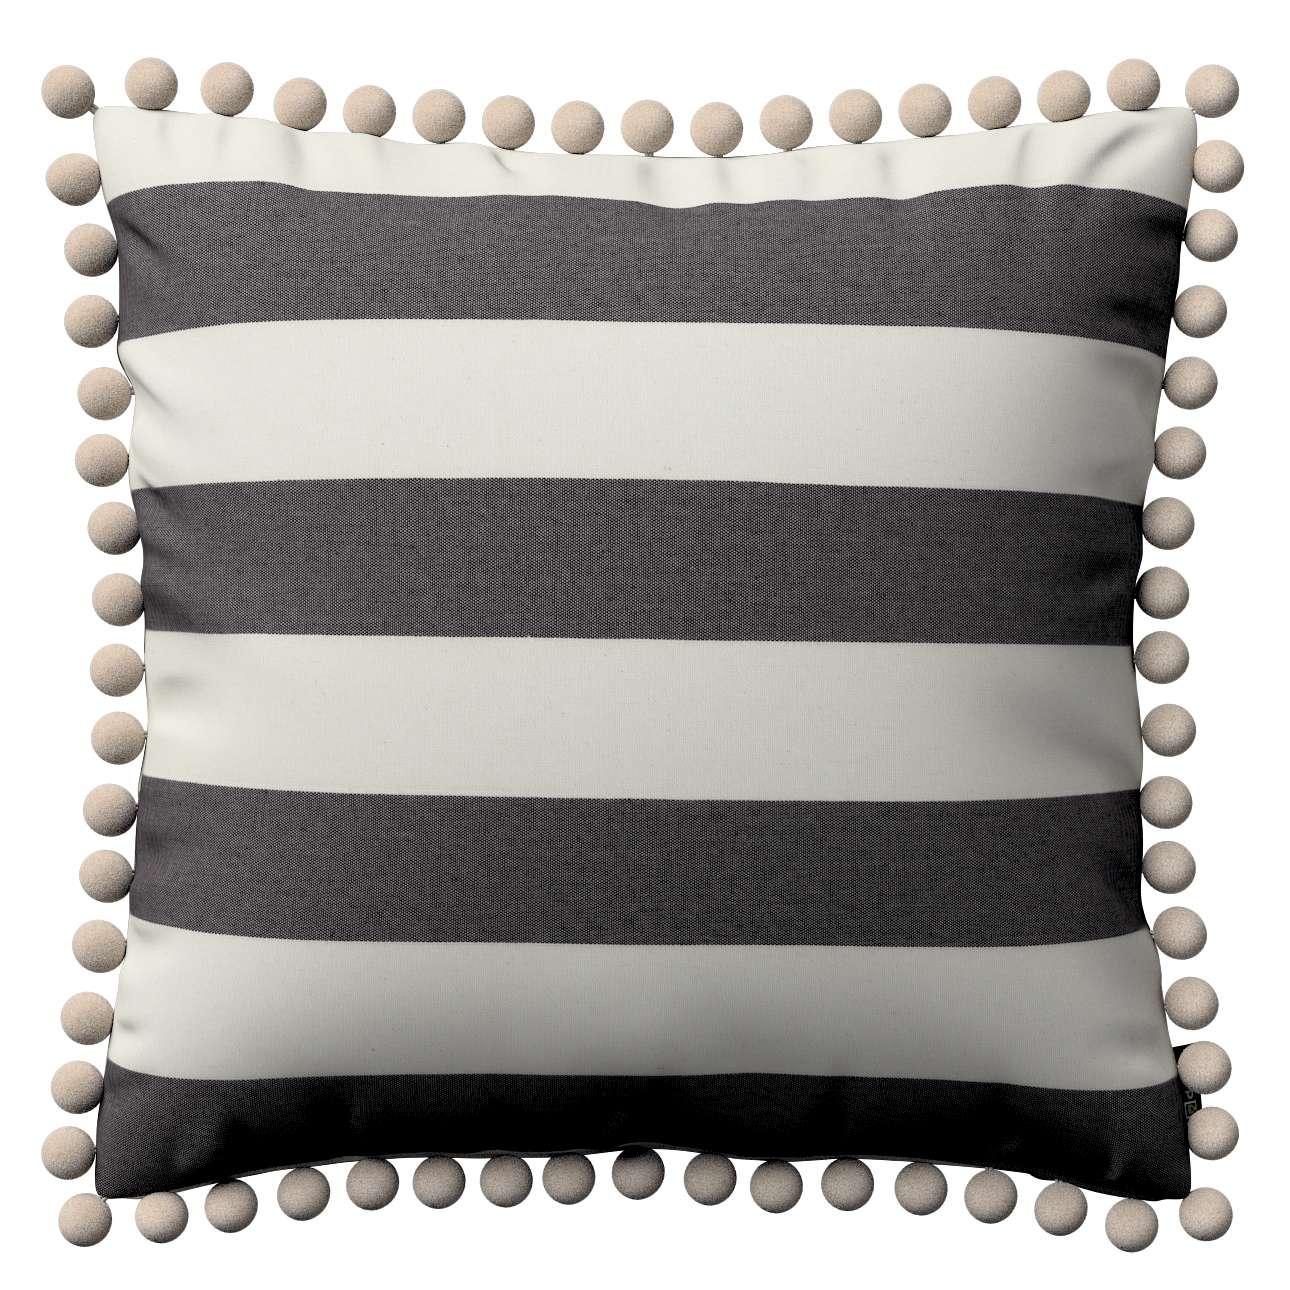 Poszewka Wera na poduszkę w kolekcji Quadro, tkanina: 142-72